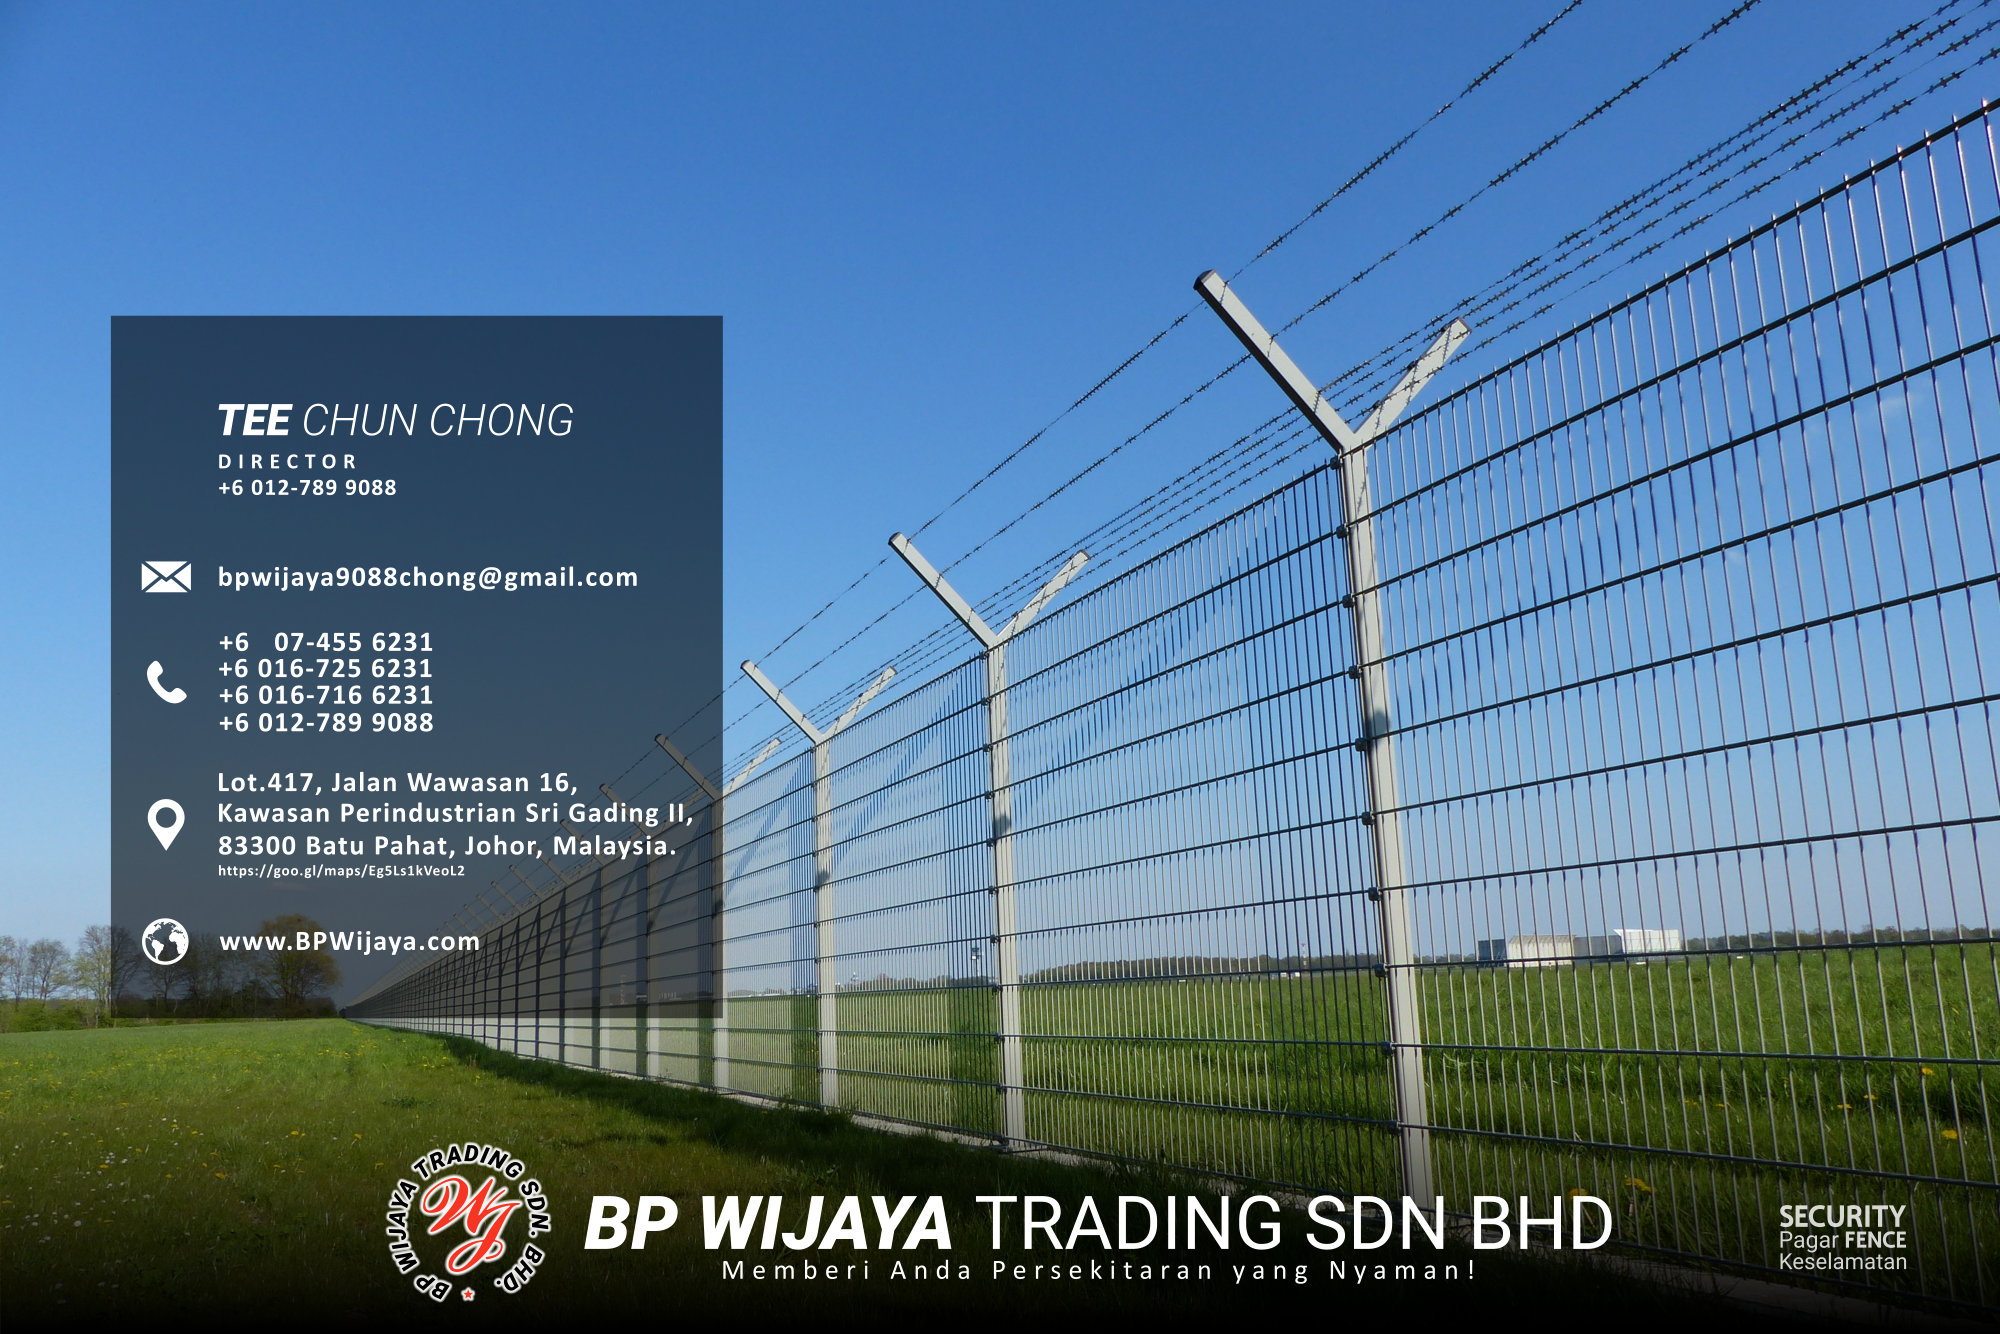 Pembekal Kuala Lumpur Pagar Keselamatan kami merupakan pengilang pagar keselamatan BP Wijaya Trading Sdn Bhd Pagar Taman Pagar Bangunan Pagar Kilang Pagar Rumah Pemborong Pagar Keselamatan A03-010